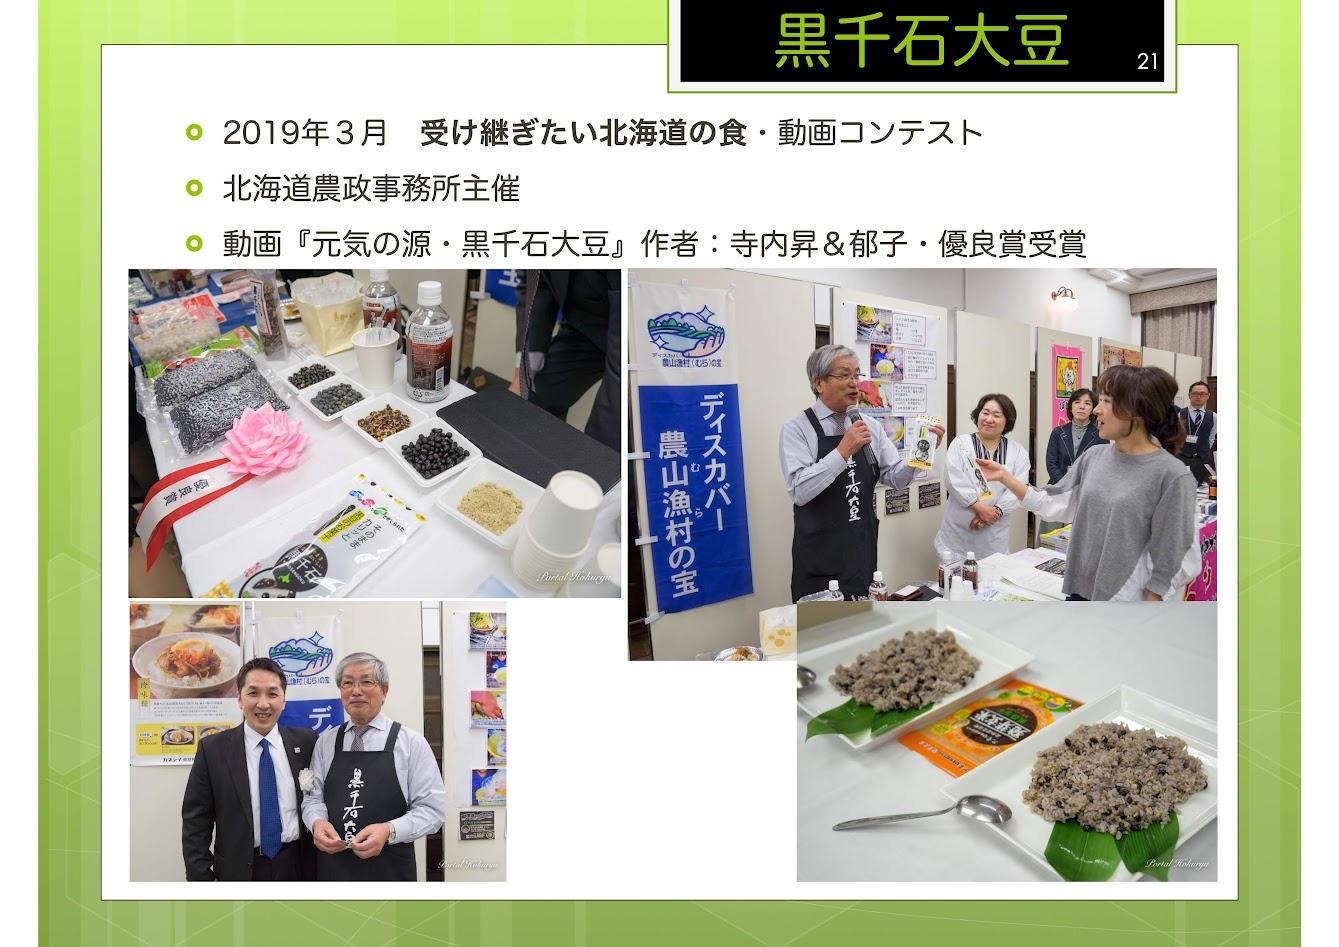 「受け継ぎたい北海道の食・動画コンテスト」優良賞受賞